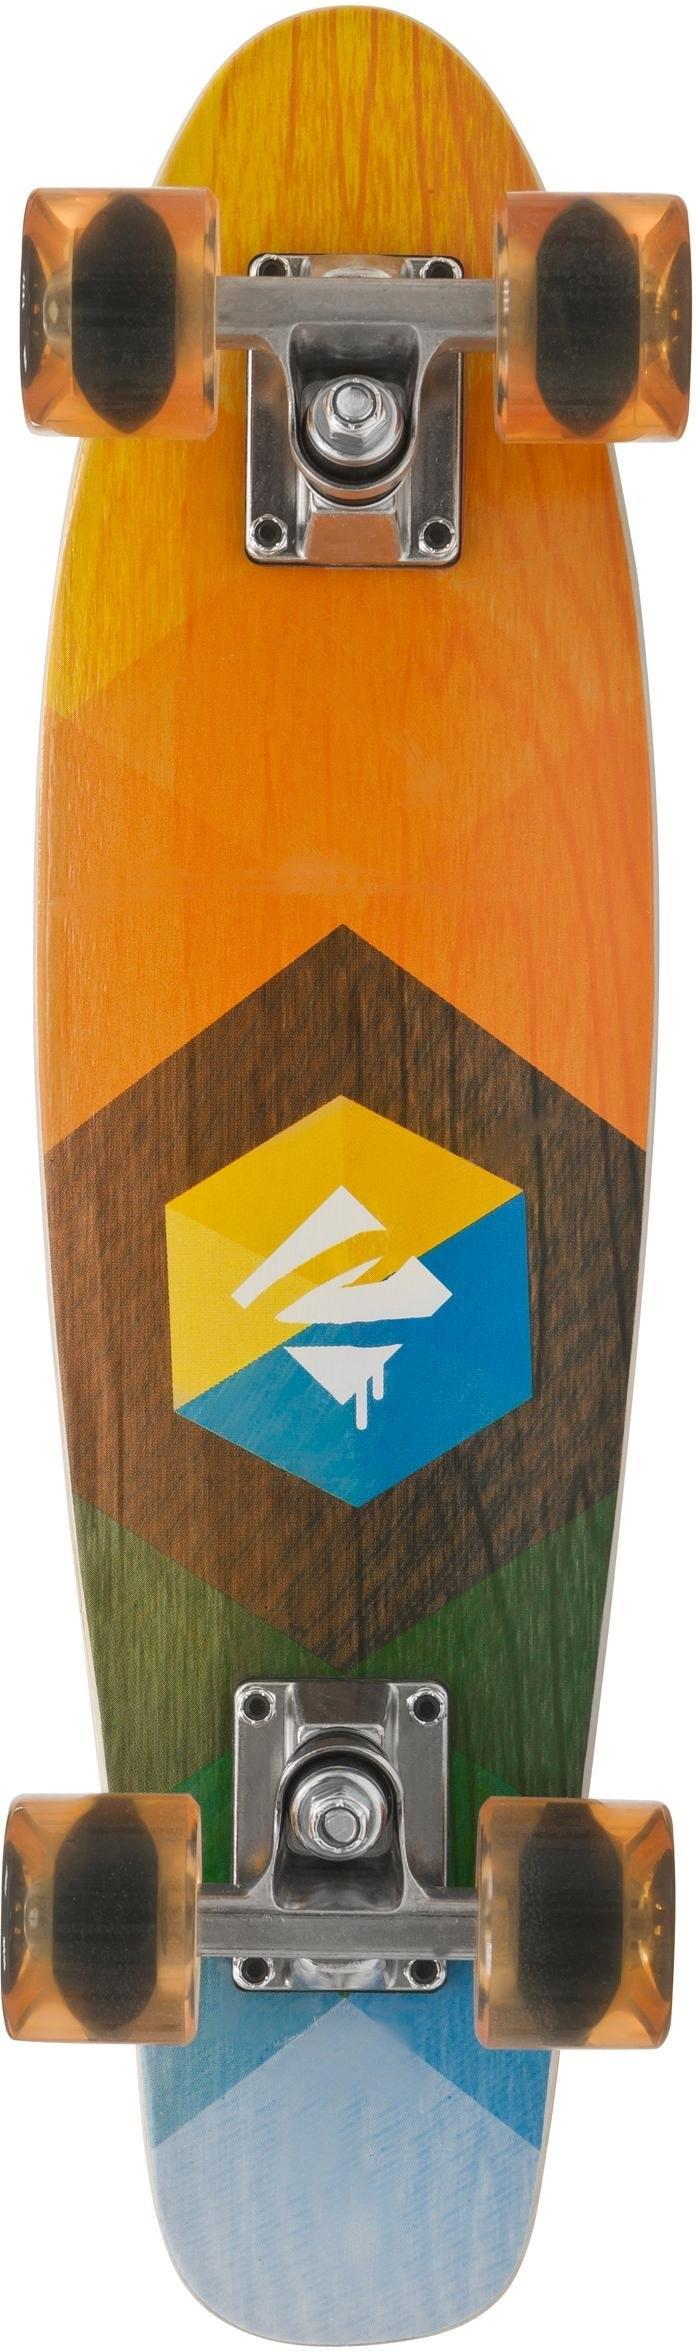 Choke skateboard »Woody Hexagon« voordelig en veilig online kopen